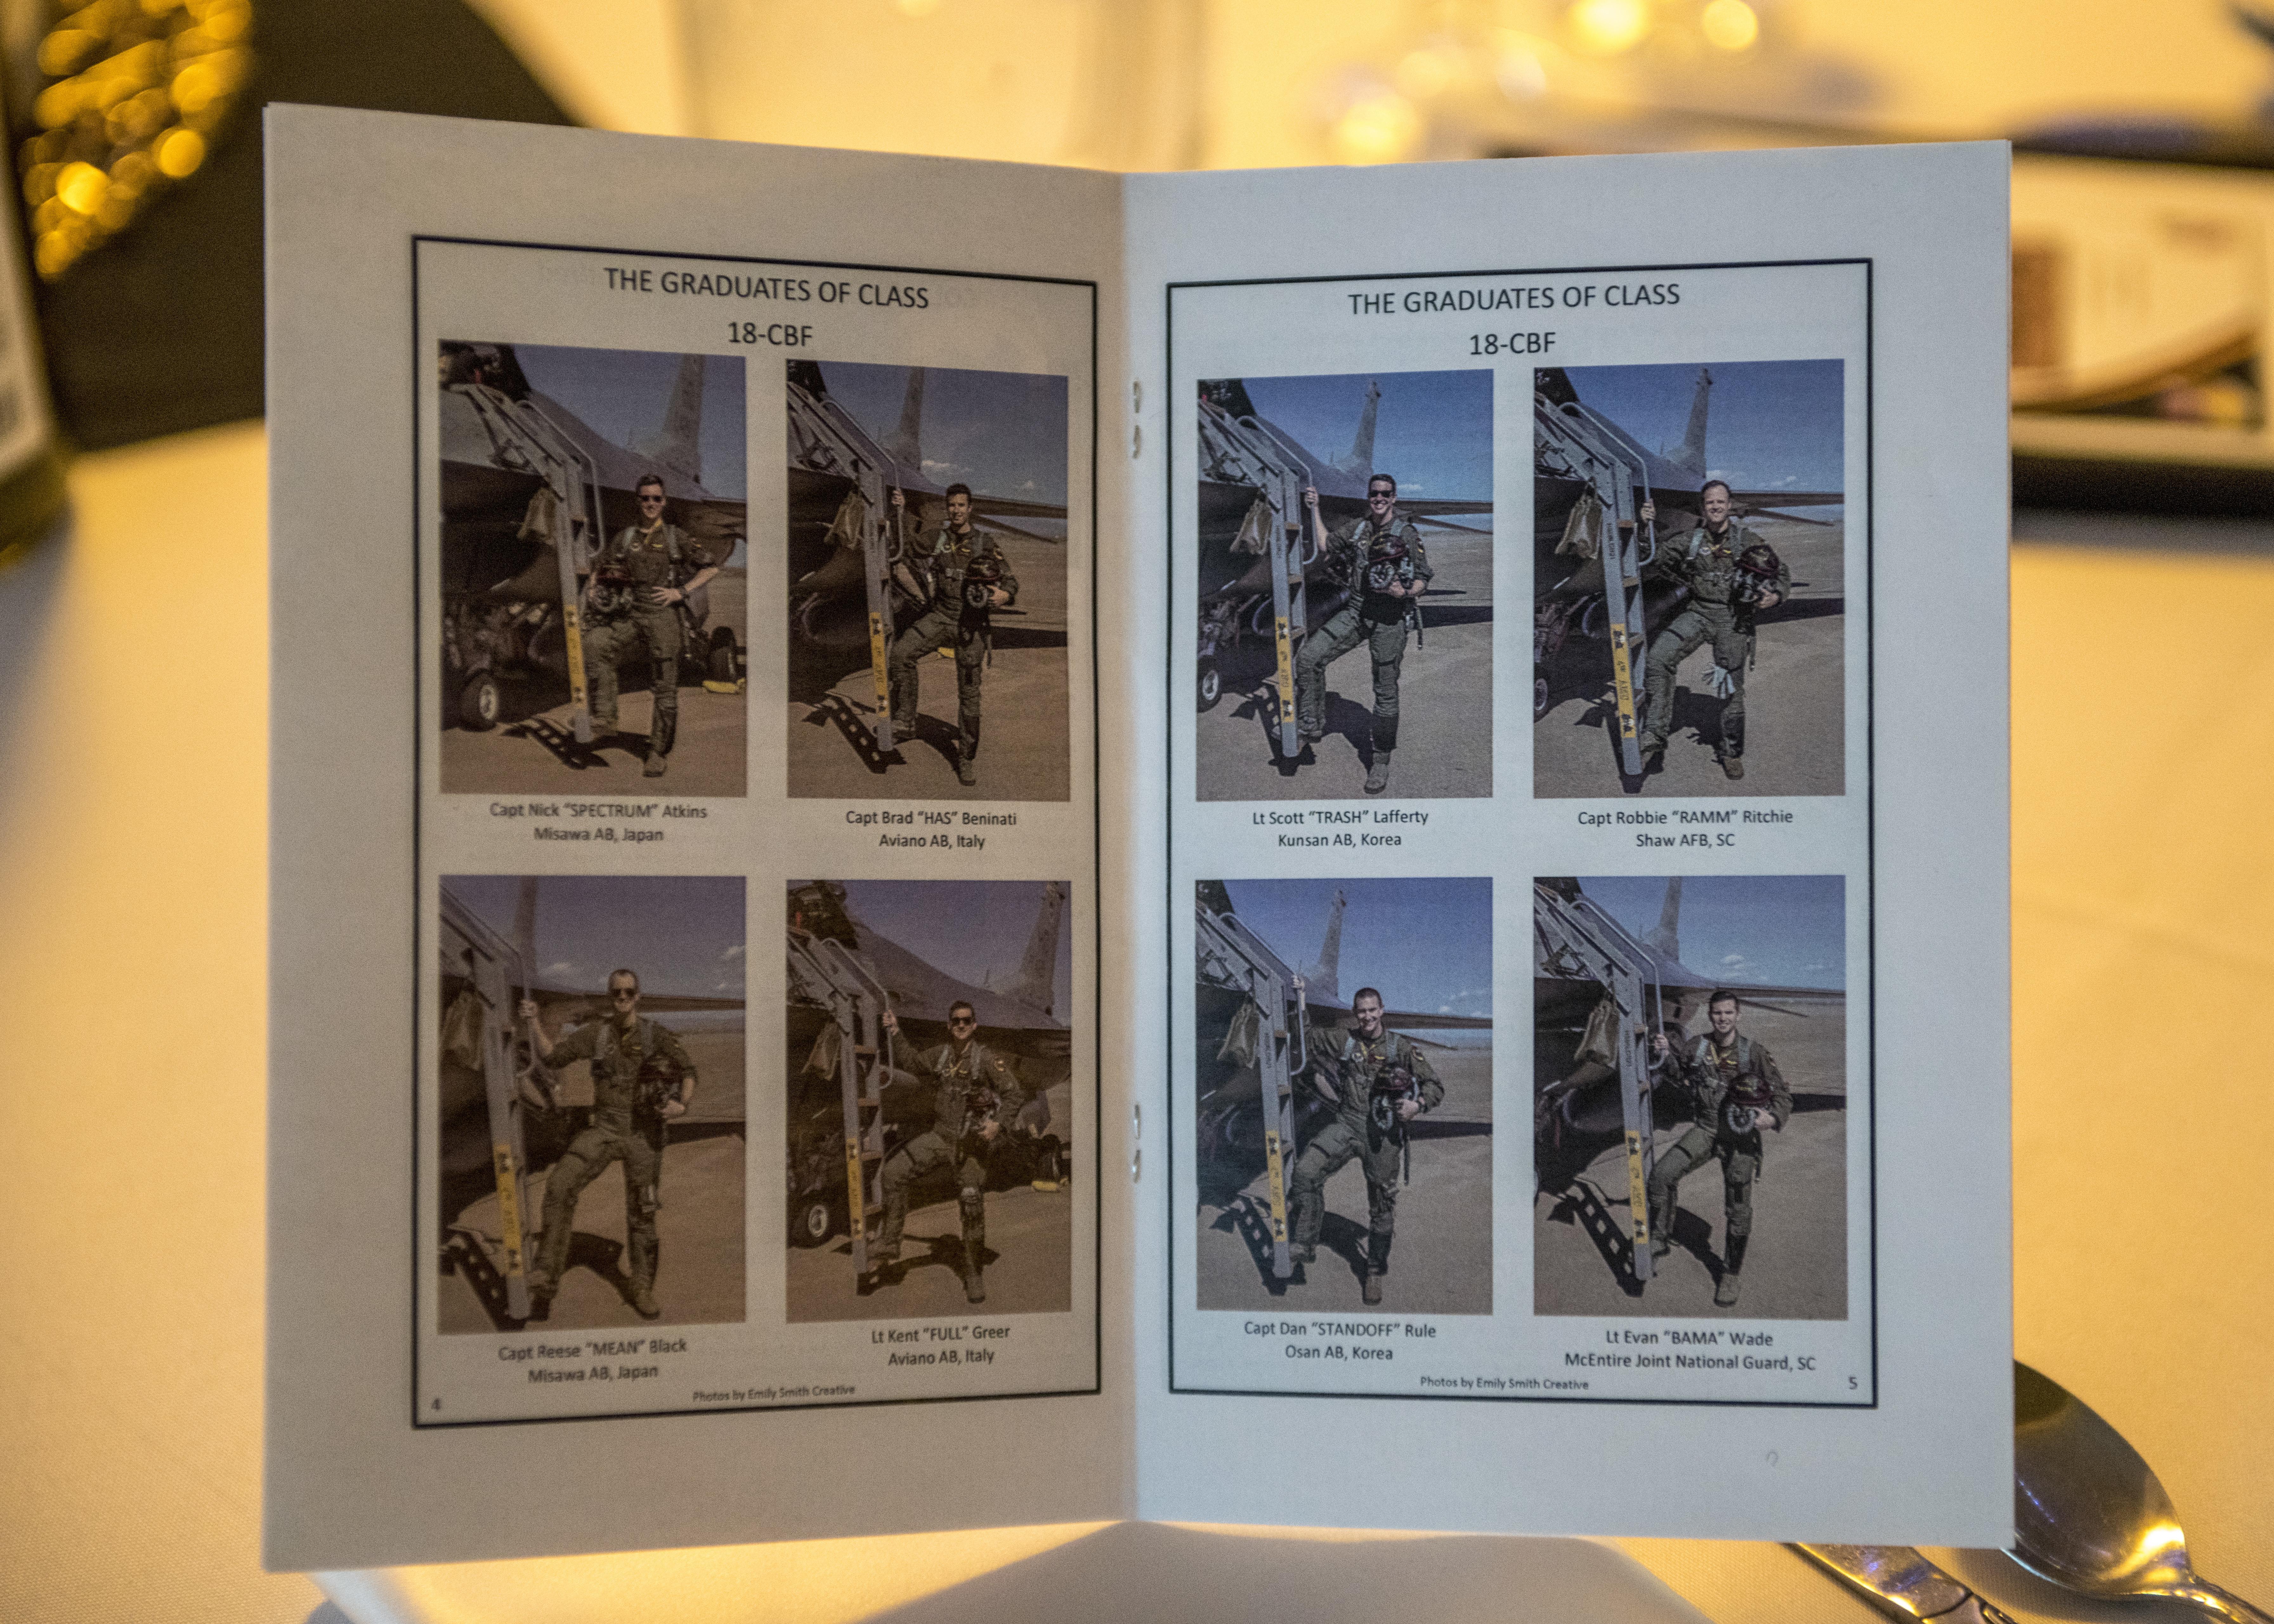 b73aaf8269d Holloman's 8th FS graduates first class of F-16 Viper pilots > Air ...